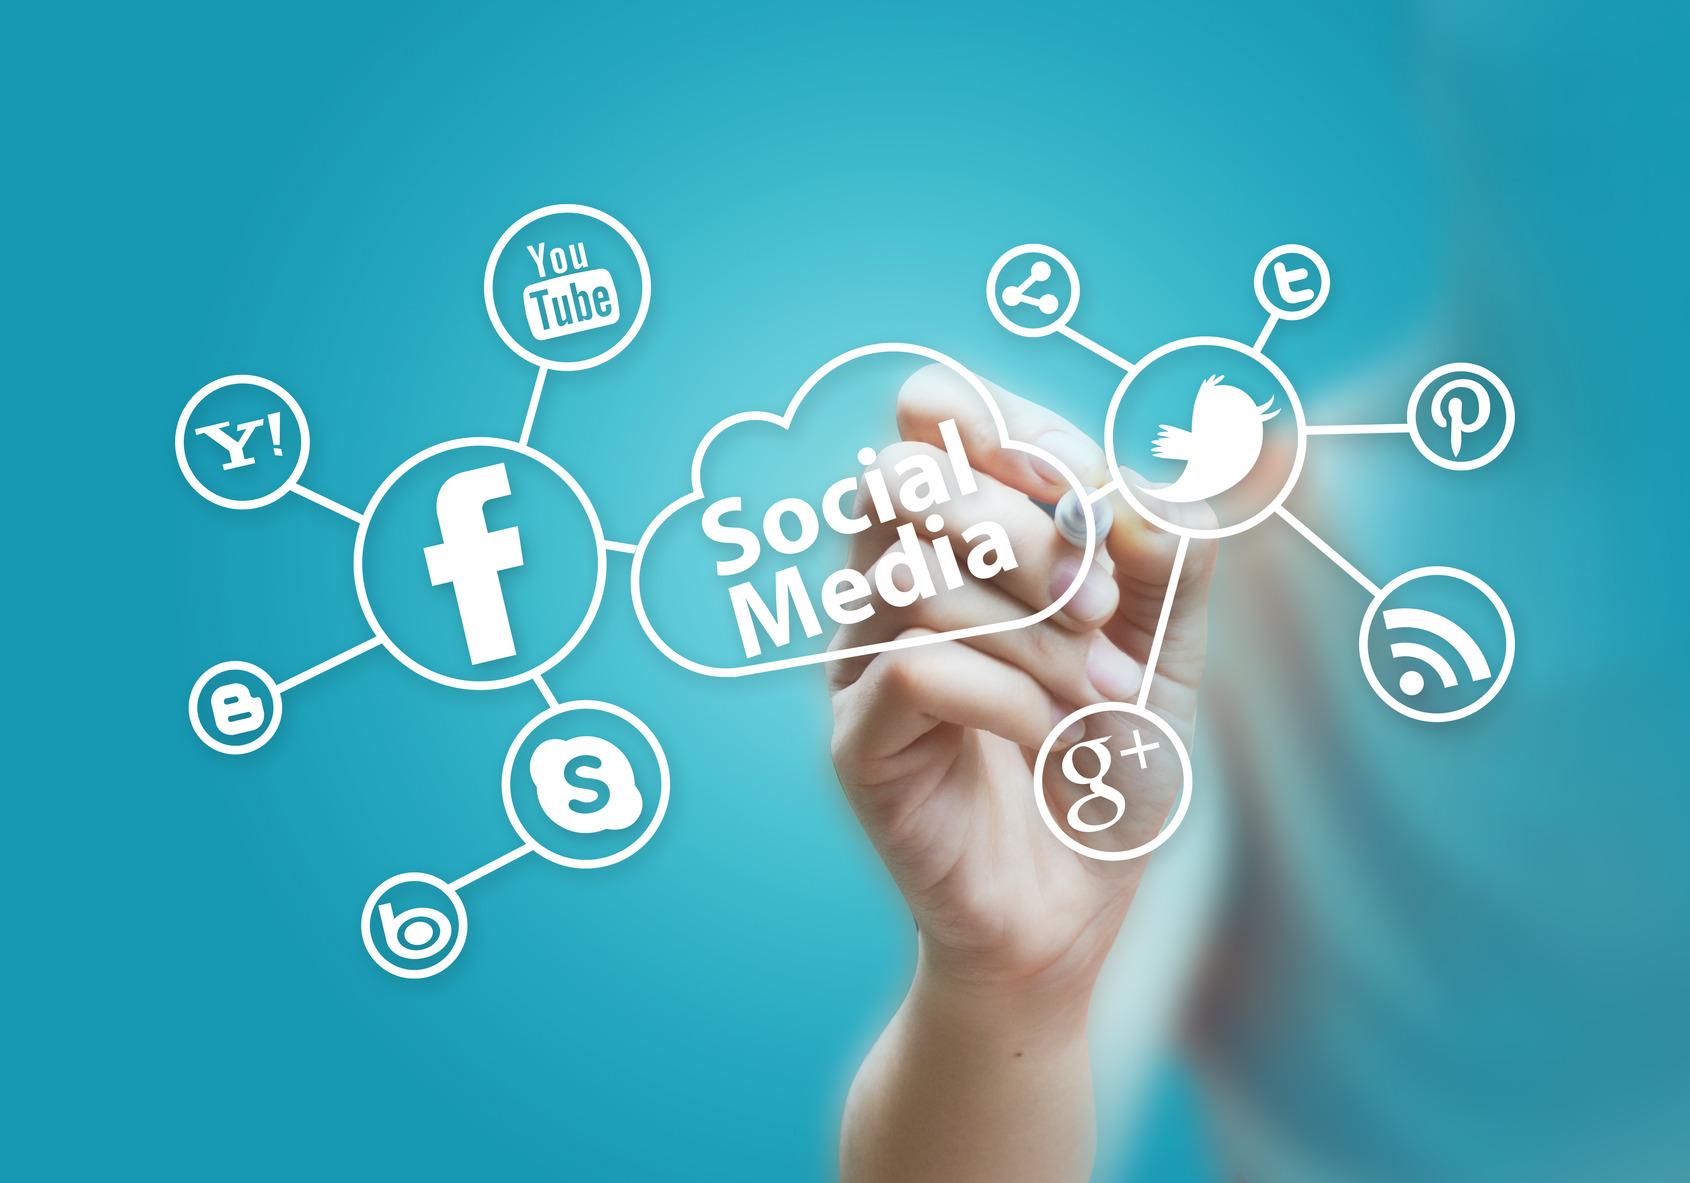 5 herramientas gratuitas para manejar tus redes sociales